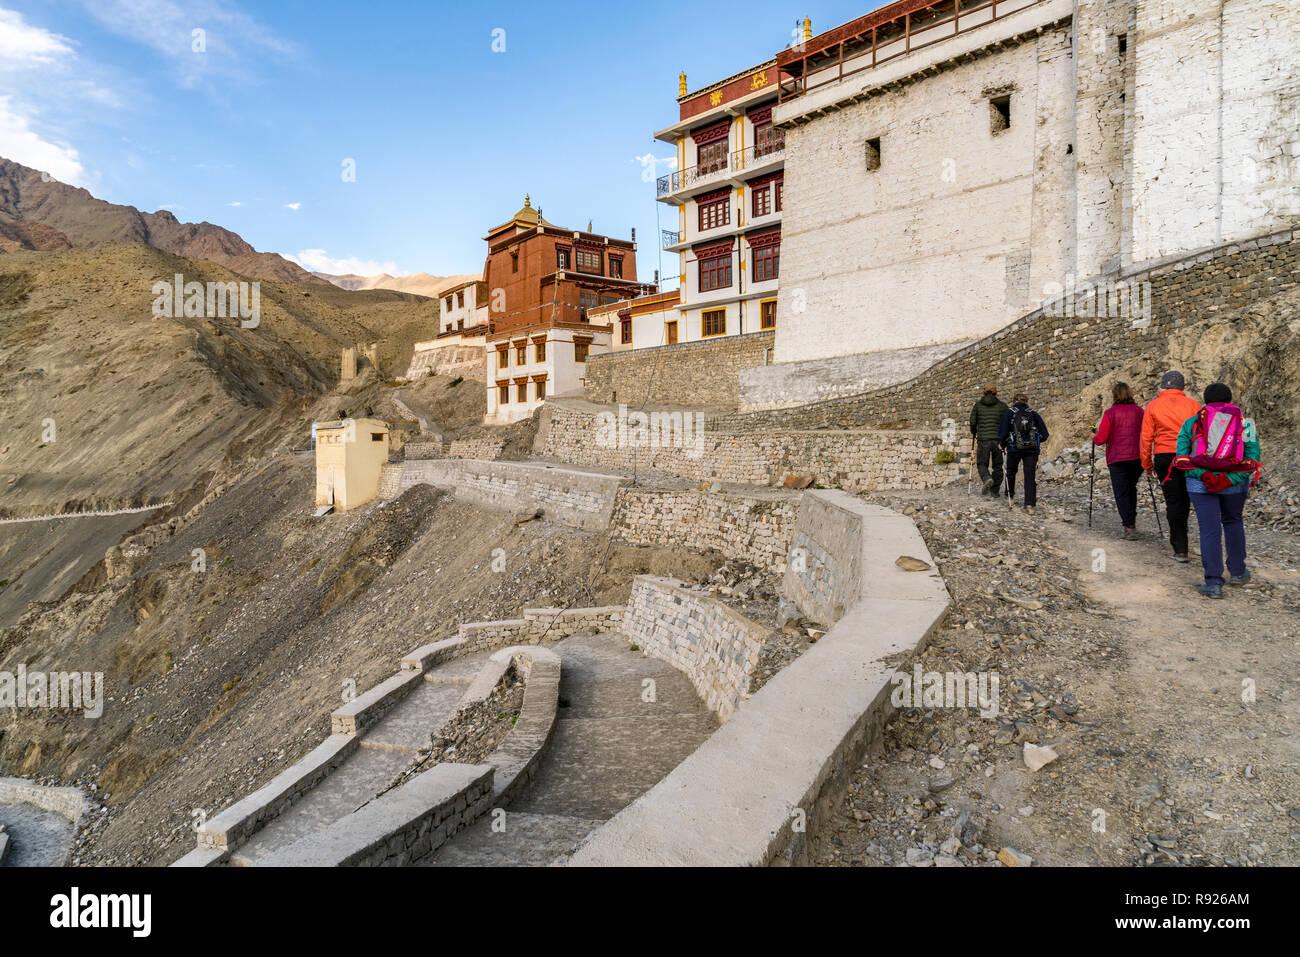 Trekking in Ladakh, Northern India Stock Photo